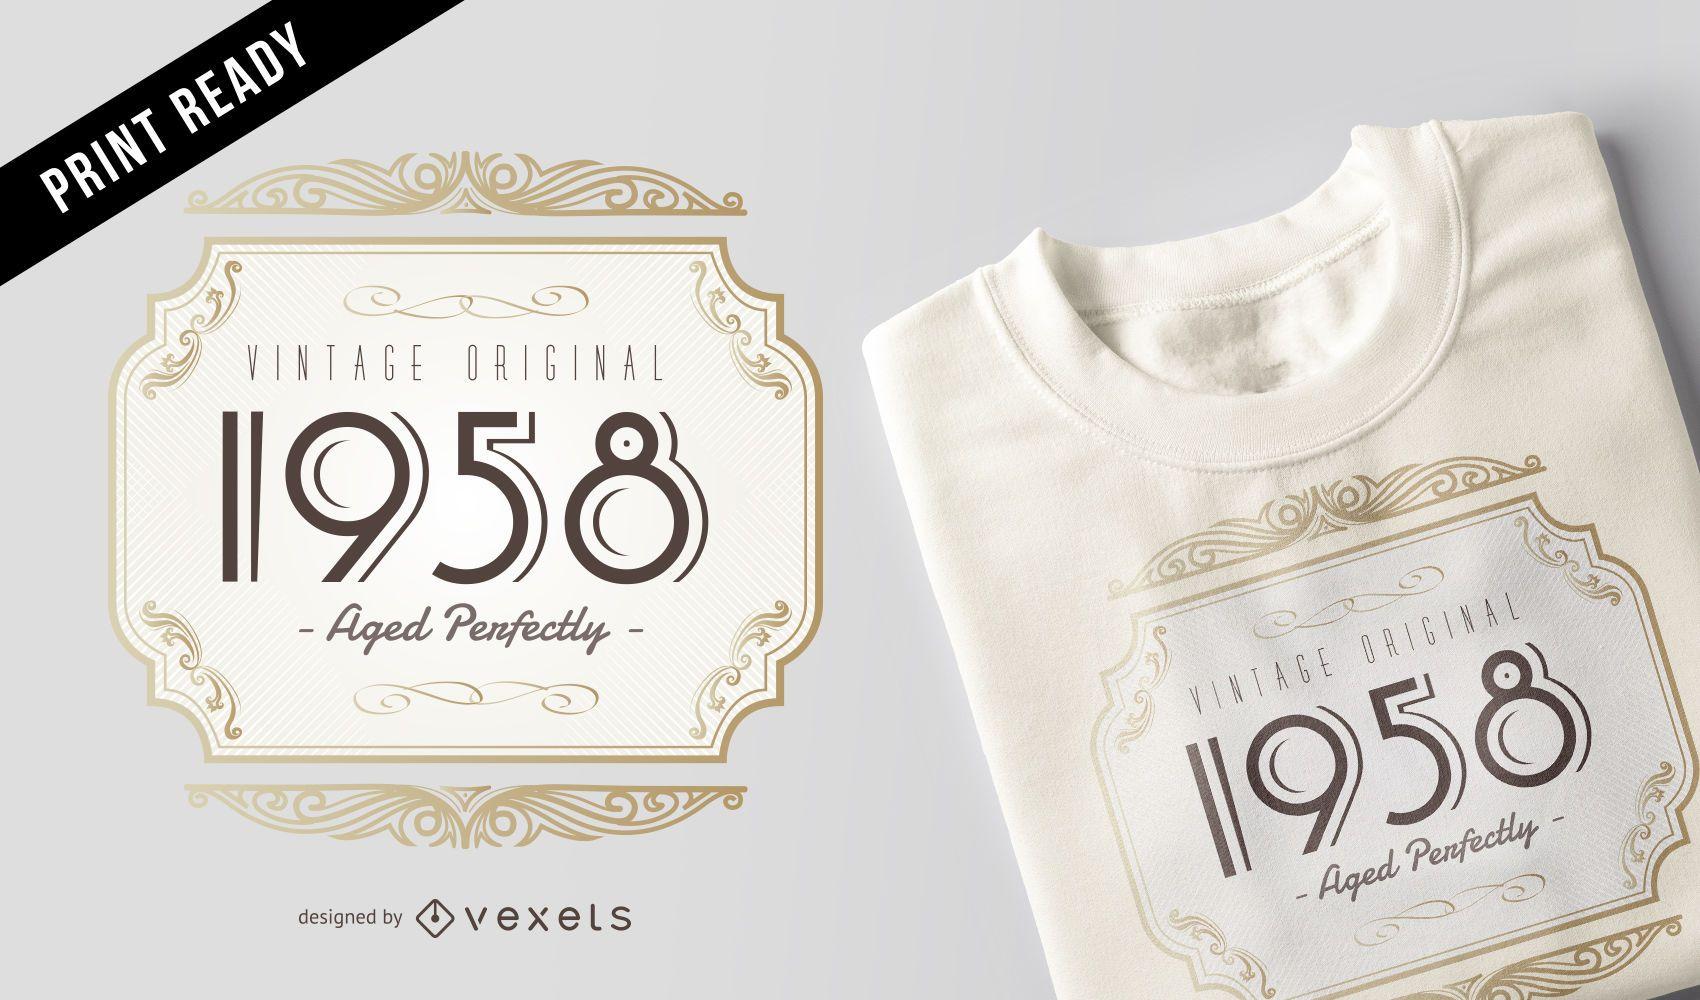 Vintage Original Retro 1958 Hombres Mujeres Diseño de camiseta de cumpleaños